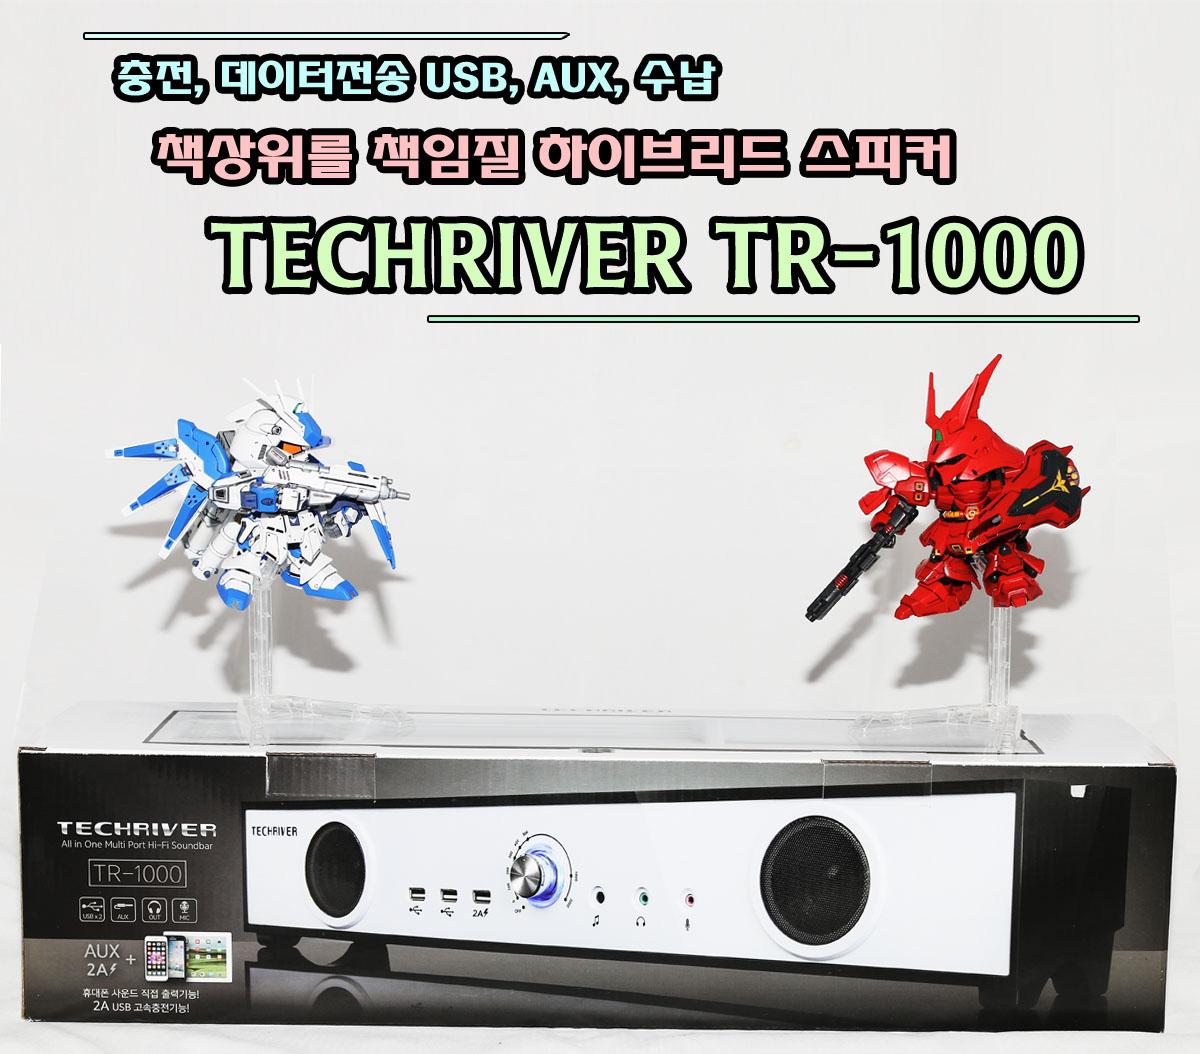 å������ å���� ���̺긮�� ����Ŀ TECHRIVER TR-1000 [�����]